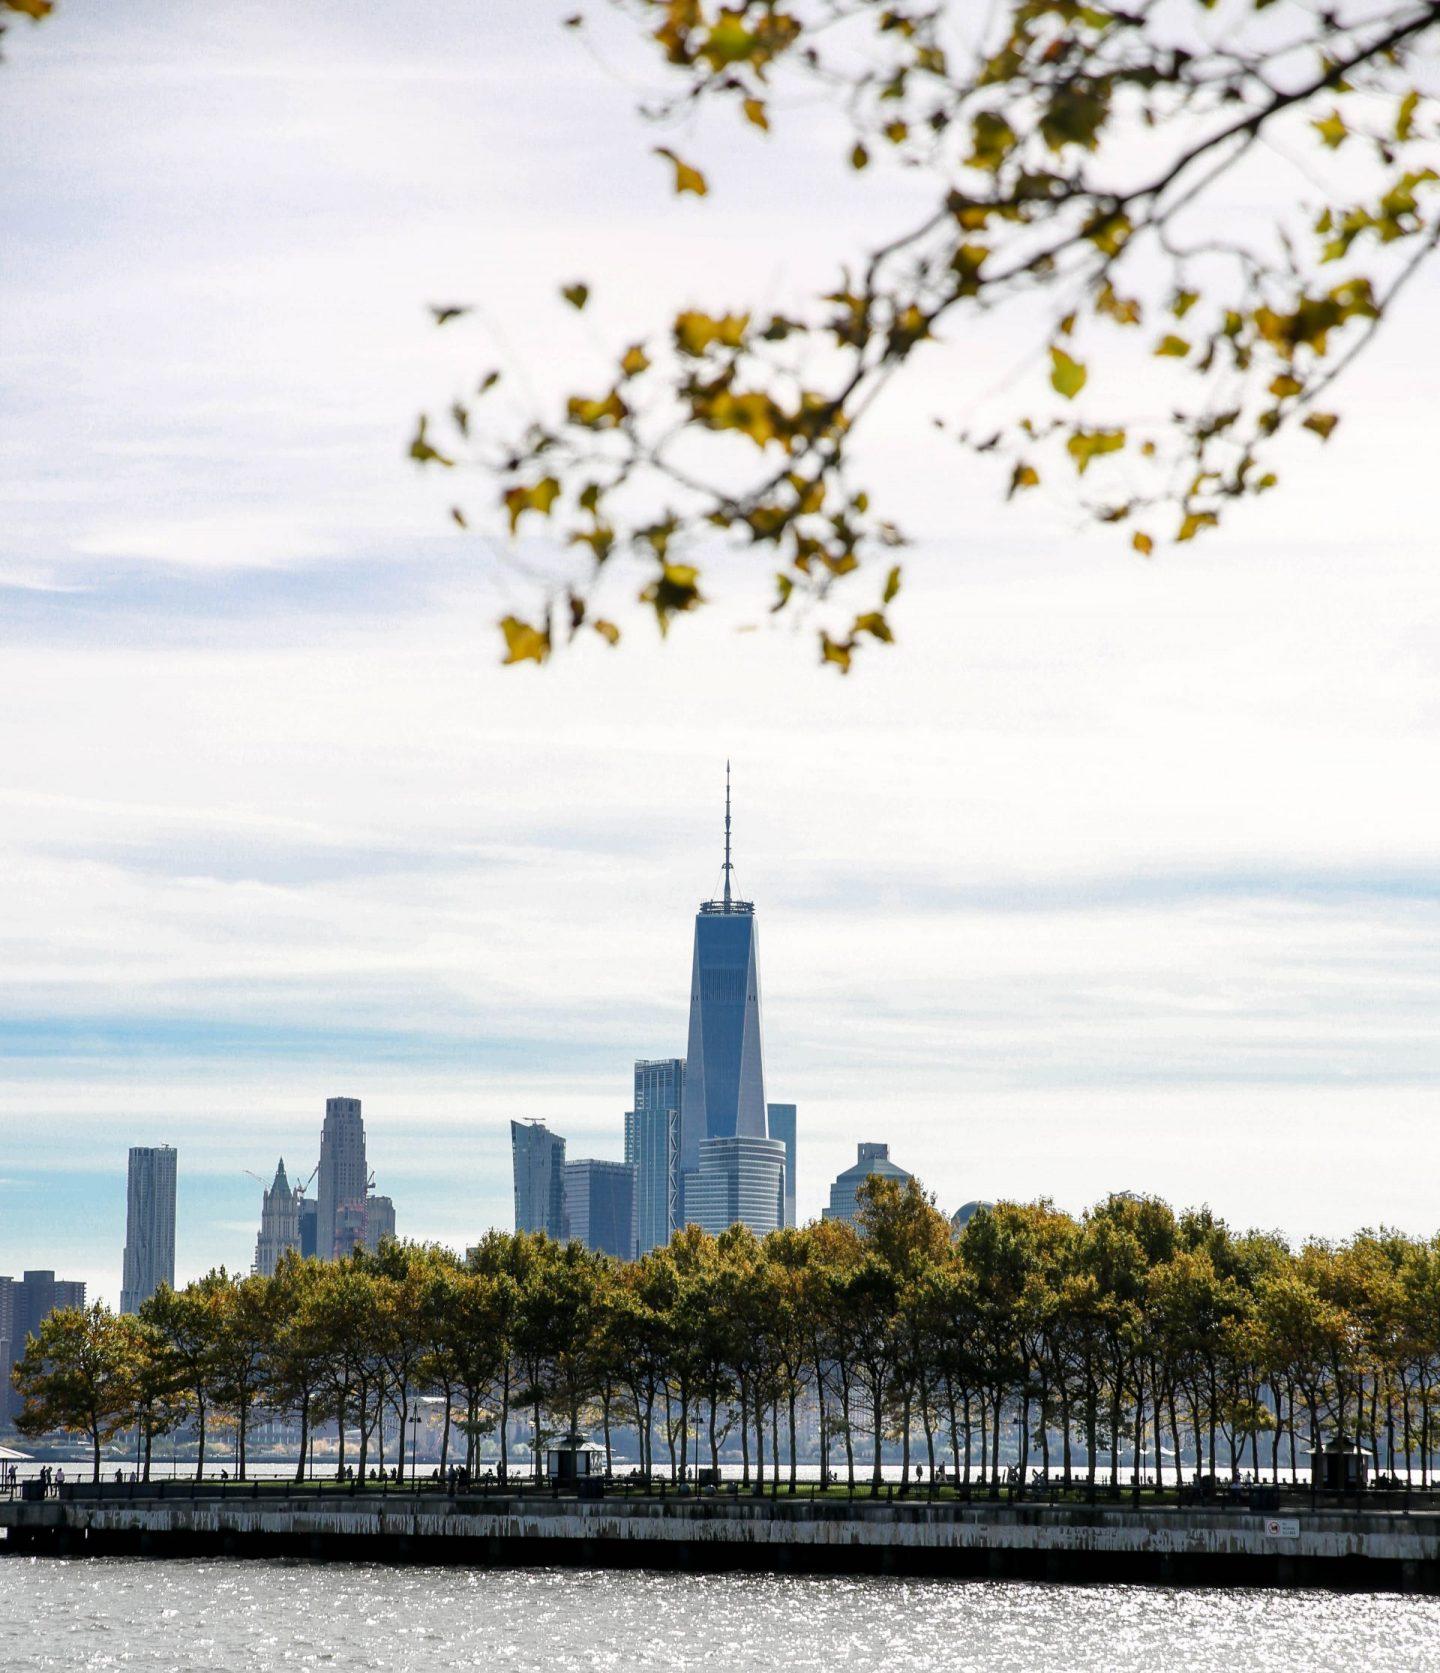 Freedom Tower - View from Hoboken Waterfront Walkway - Lauren Schwaiger Travel Blog